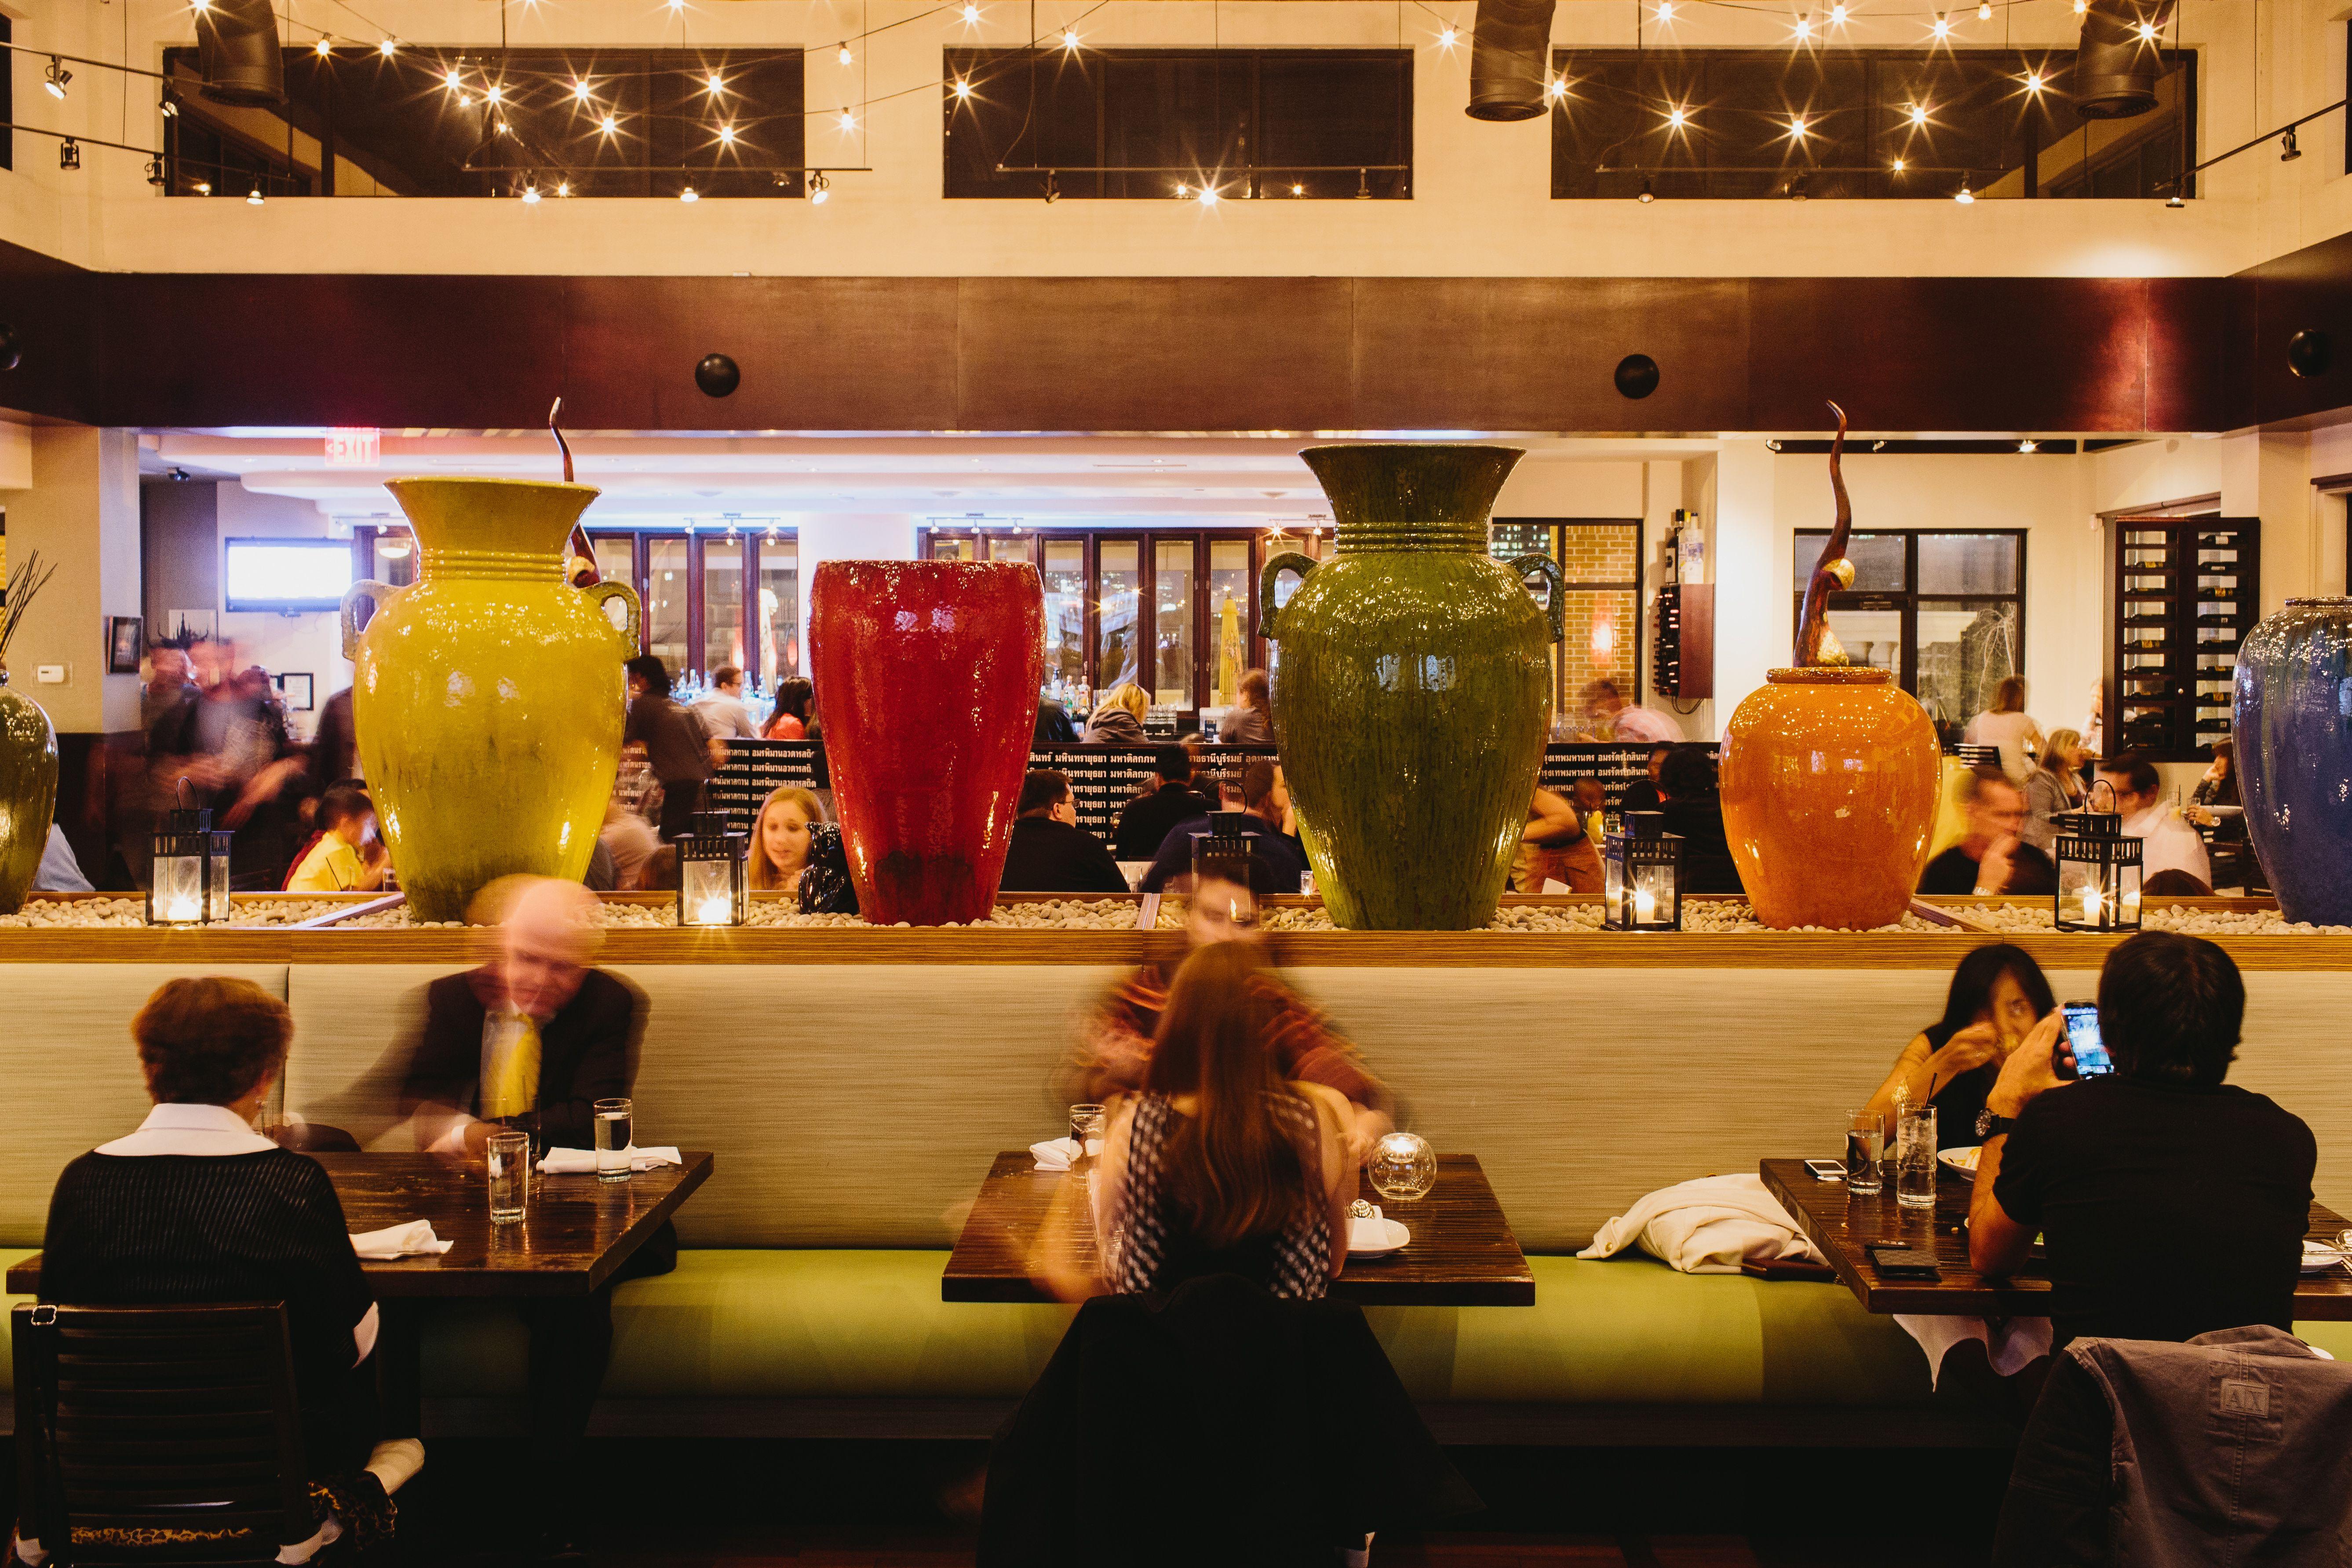 Main dining room area at tuk tuk thai food loft thai